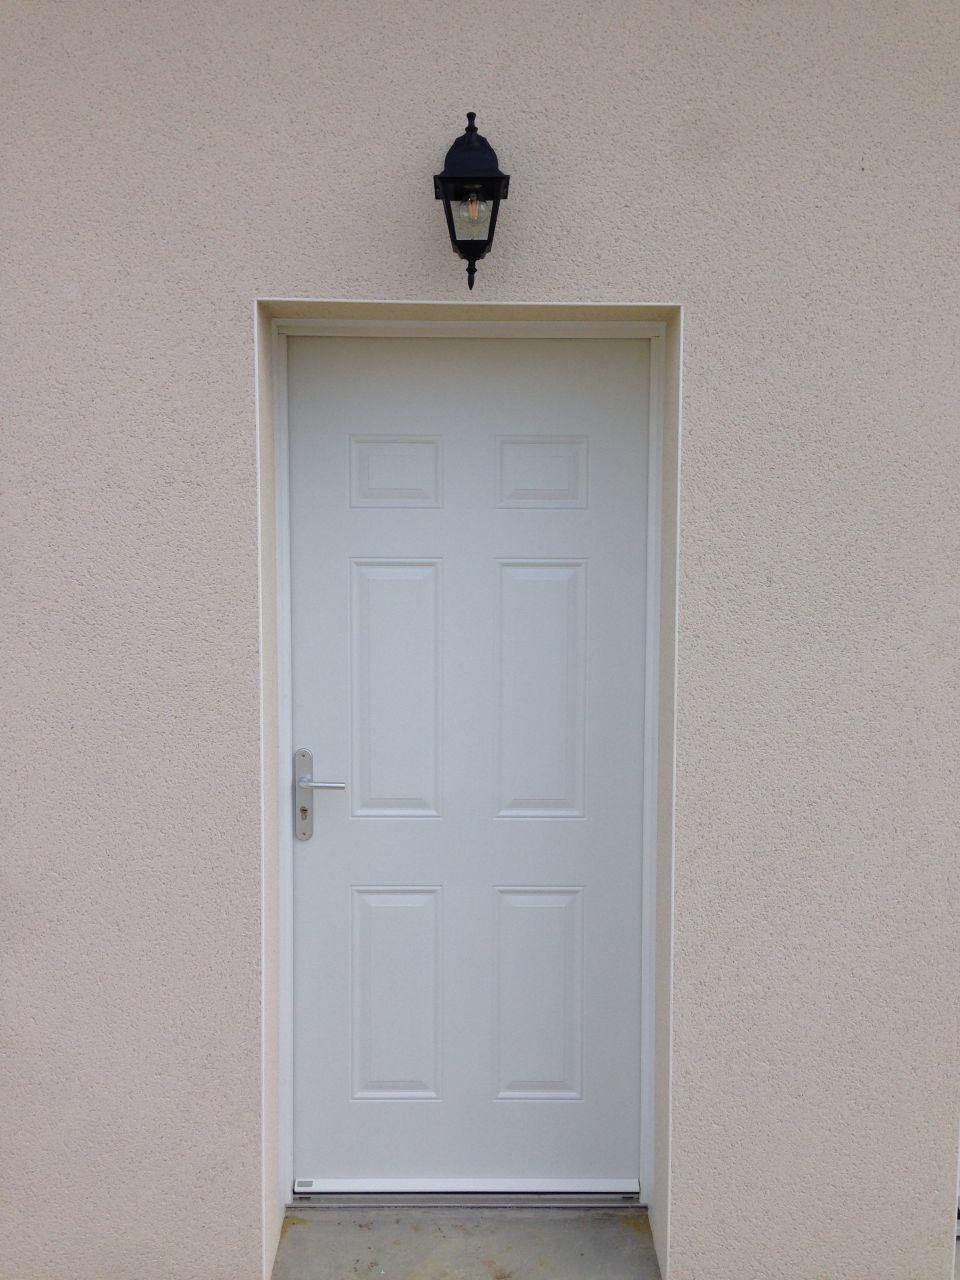 deplacement de l39eclairage de la porte d39entree salle de With porte d entrée pvc avec applique luminaire salle de bain